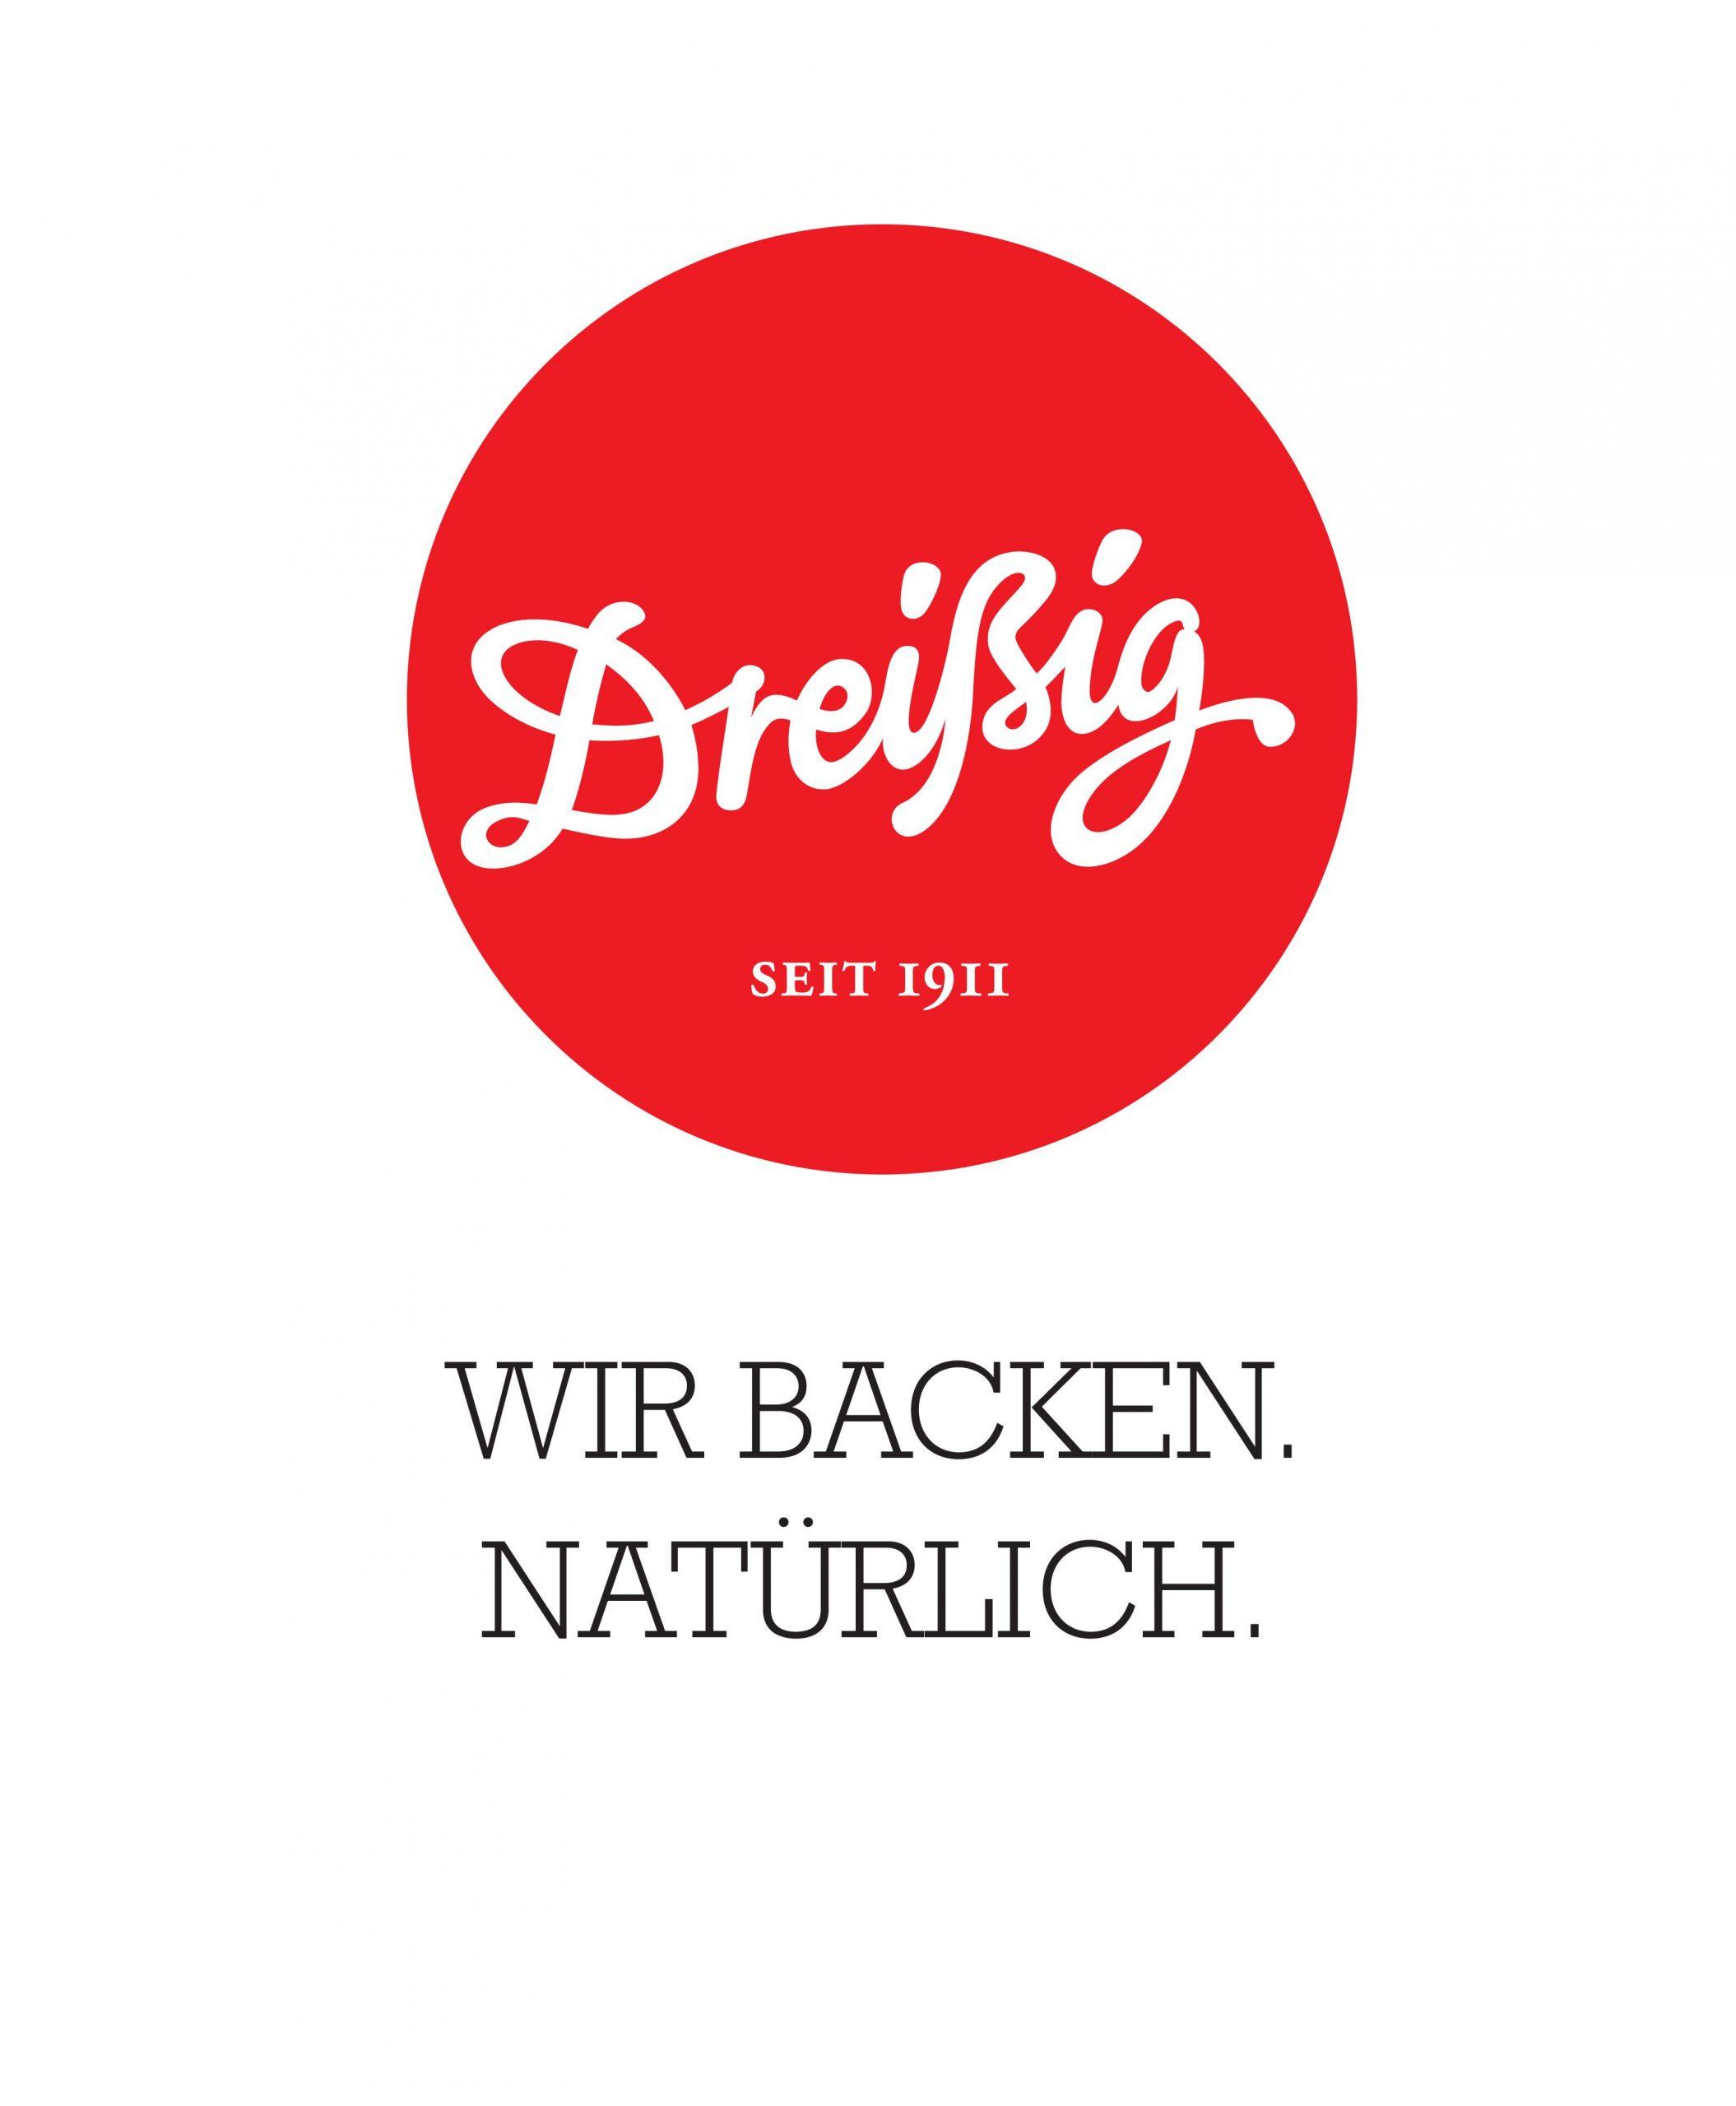 Bäckerei Dreißig GmbH & Co. KG